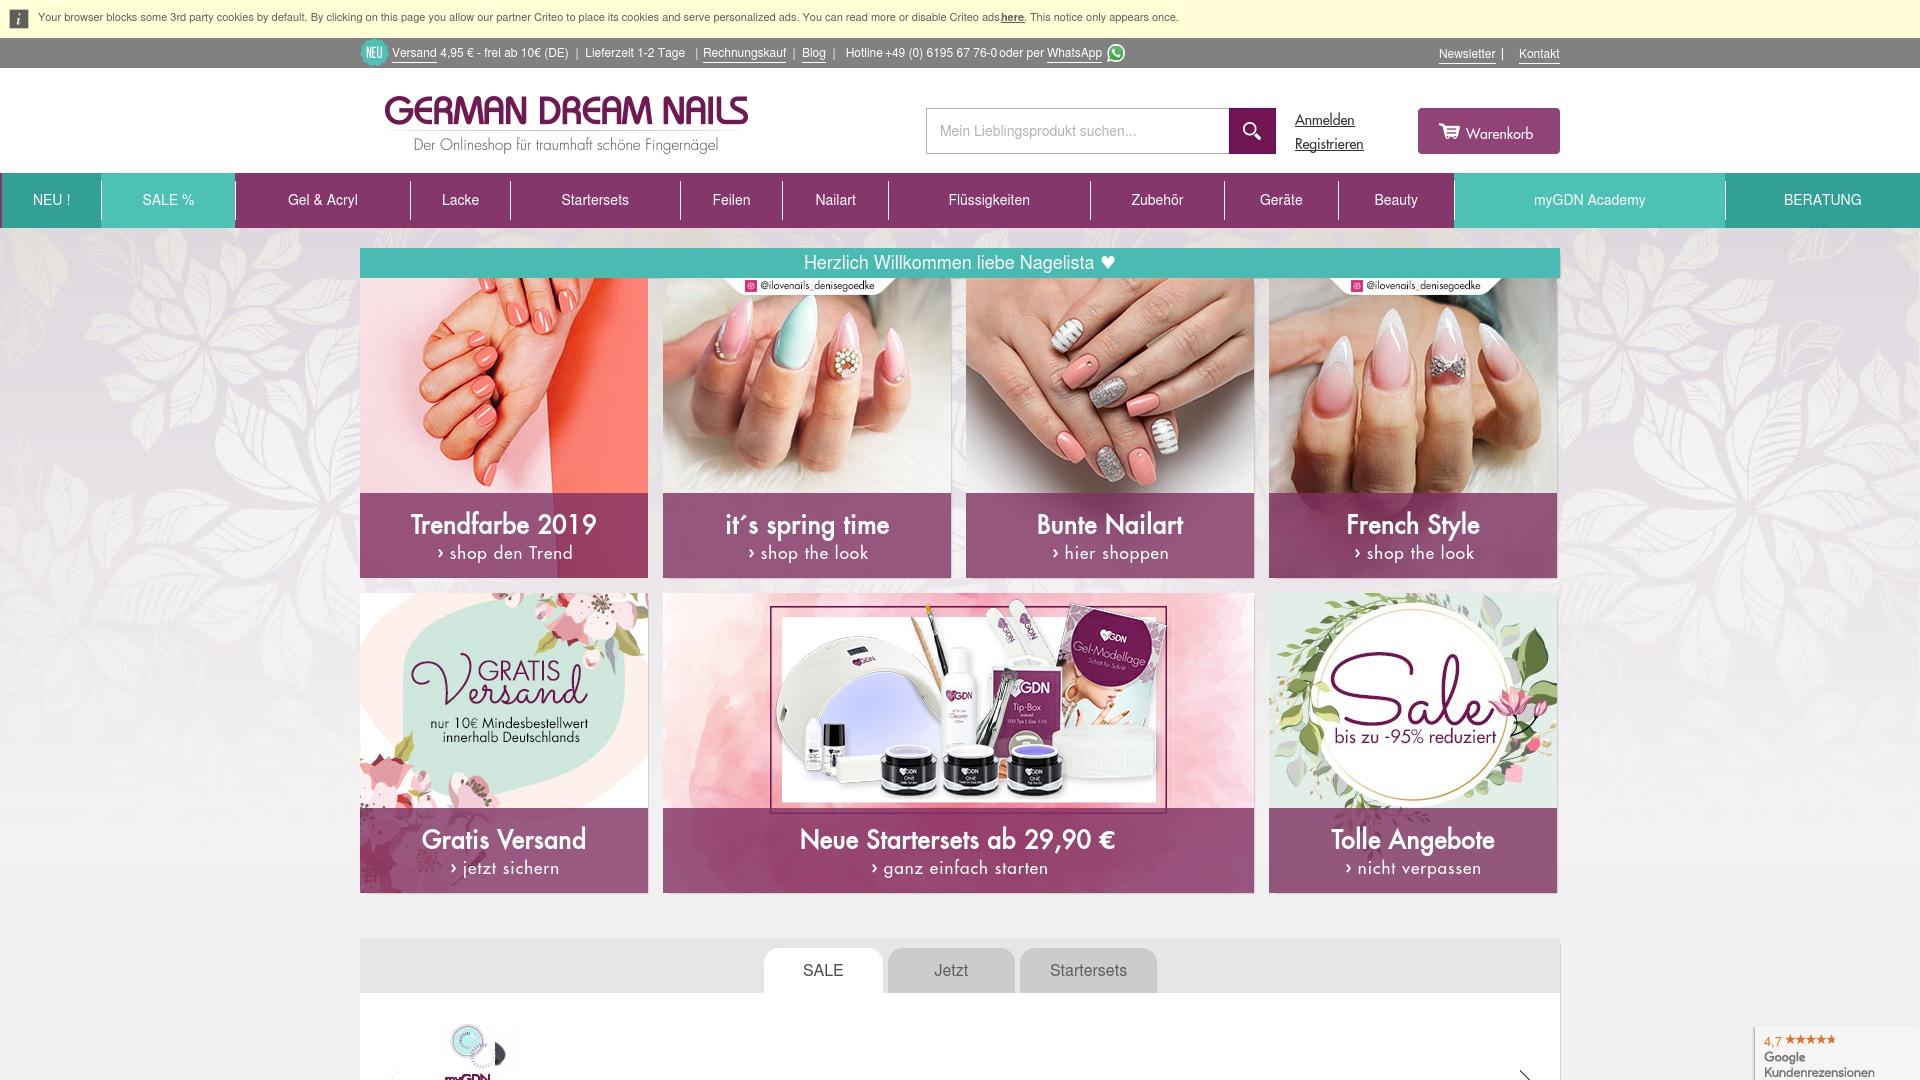 Gutschein für German-dream-nails: Rabatte für  German-dream-nails sichern